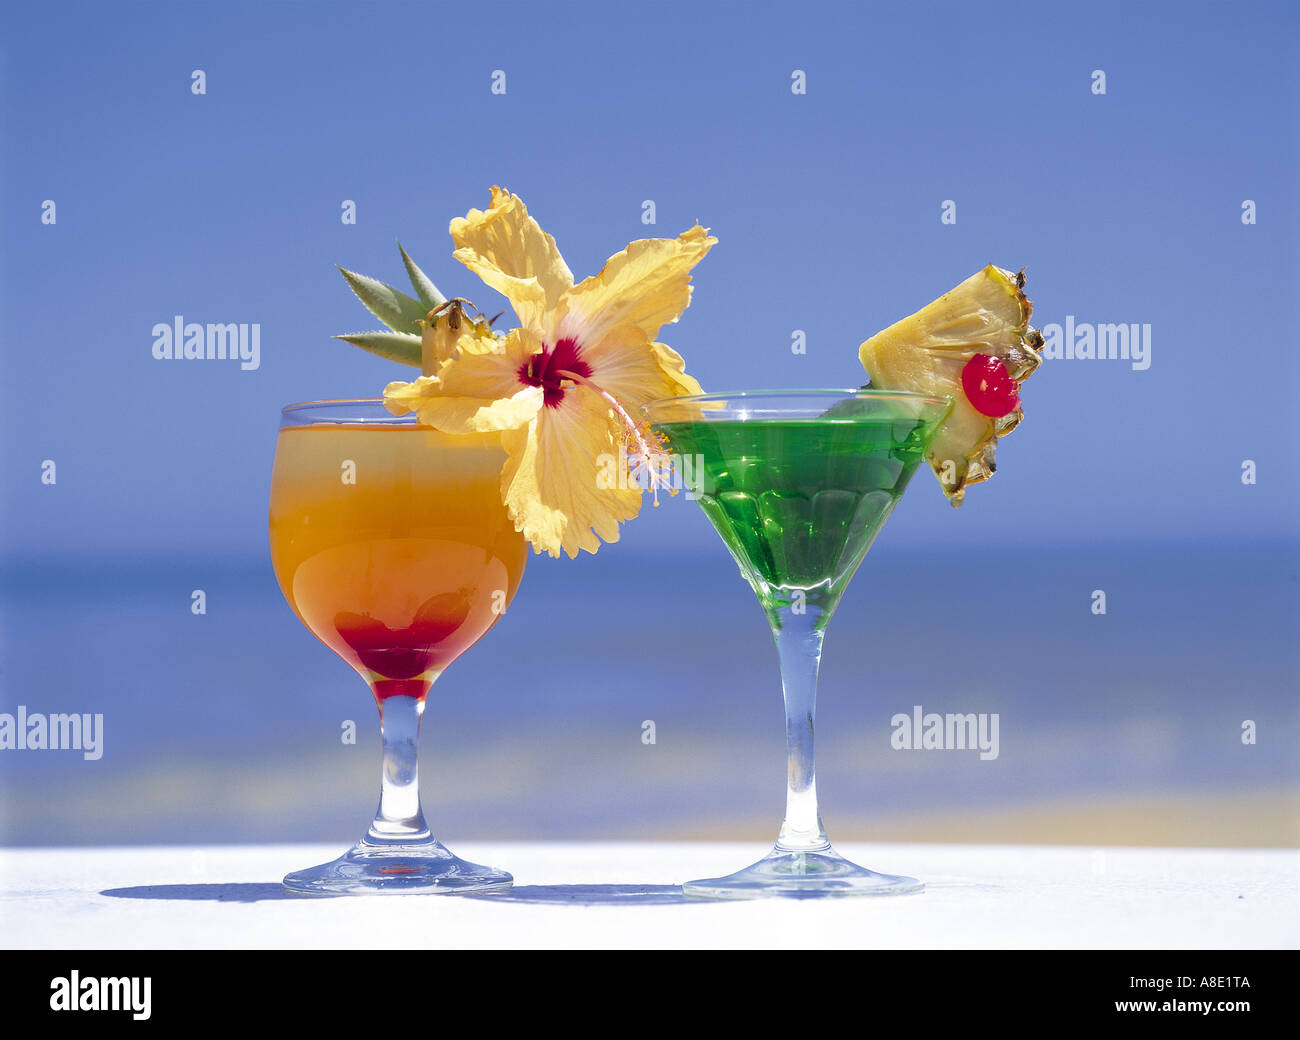 Tropical Drinks By Beach, Fiji Islands Stock Photo